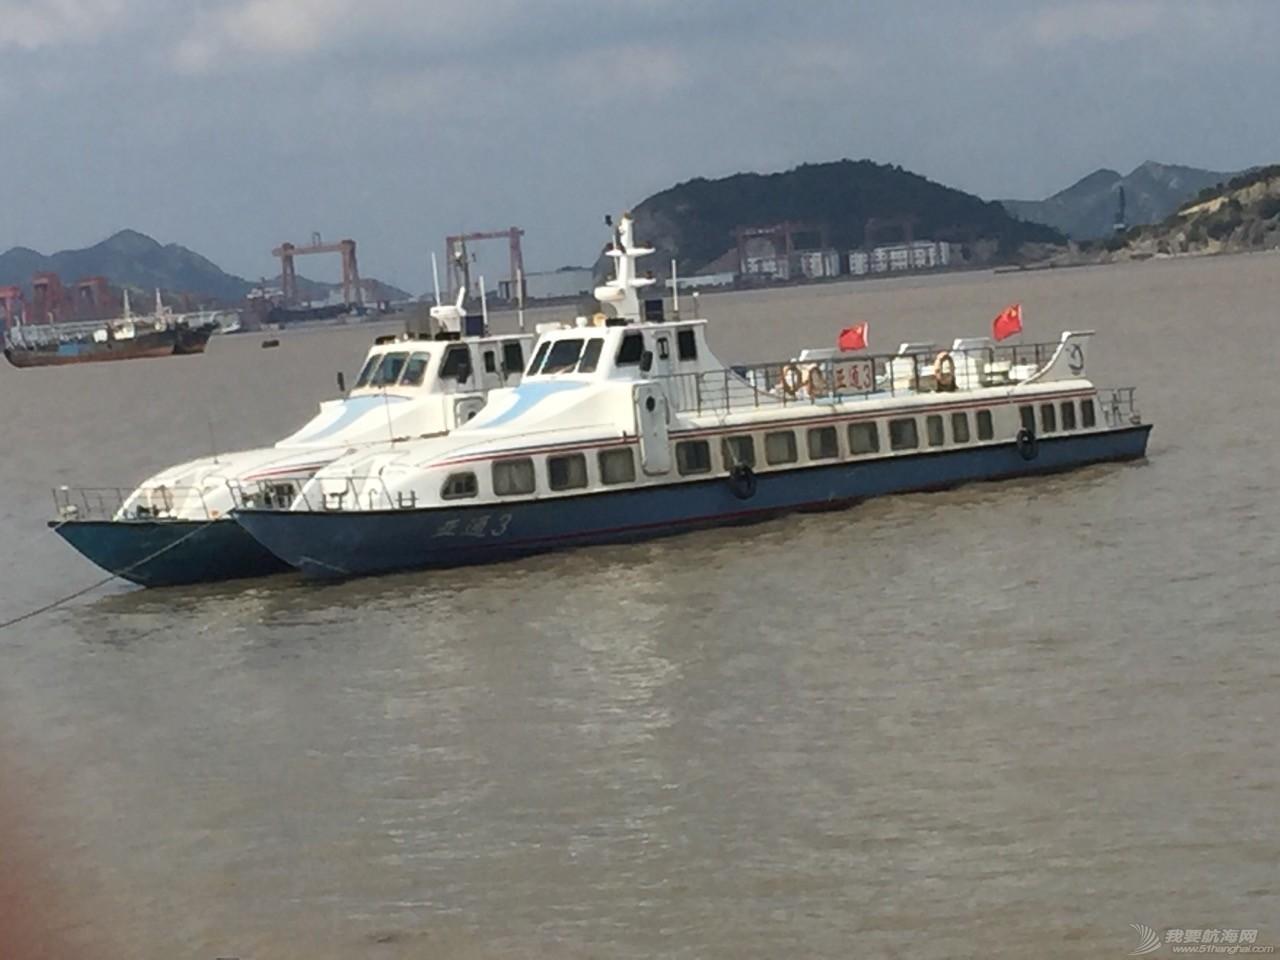 有限公司,东莞市,安全证书,船舶制造,制造厂 高速客船.快艇 20151018065108.jpg